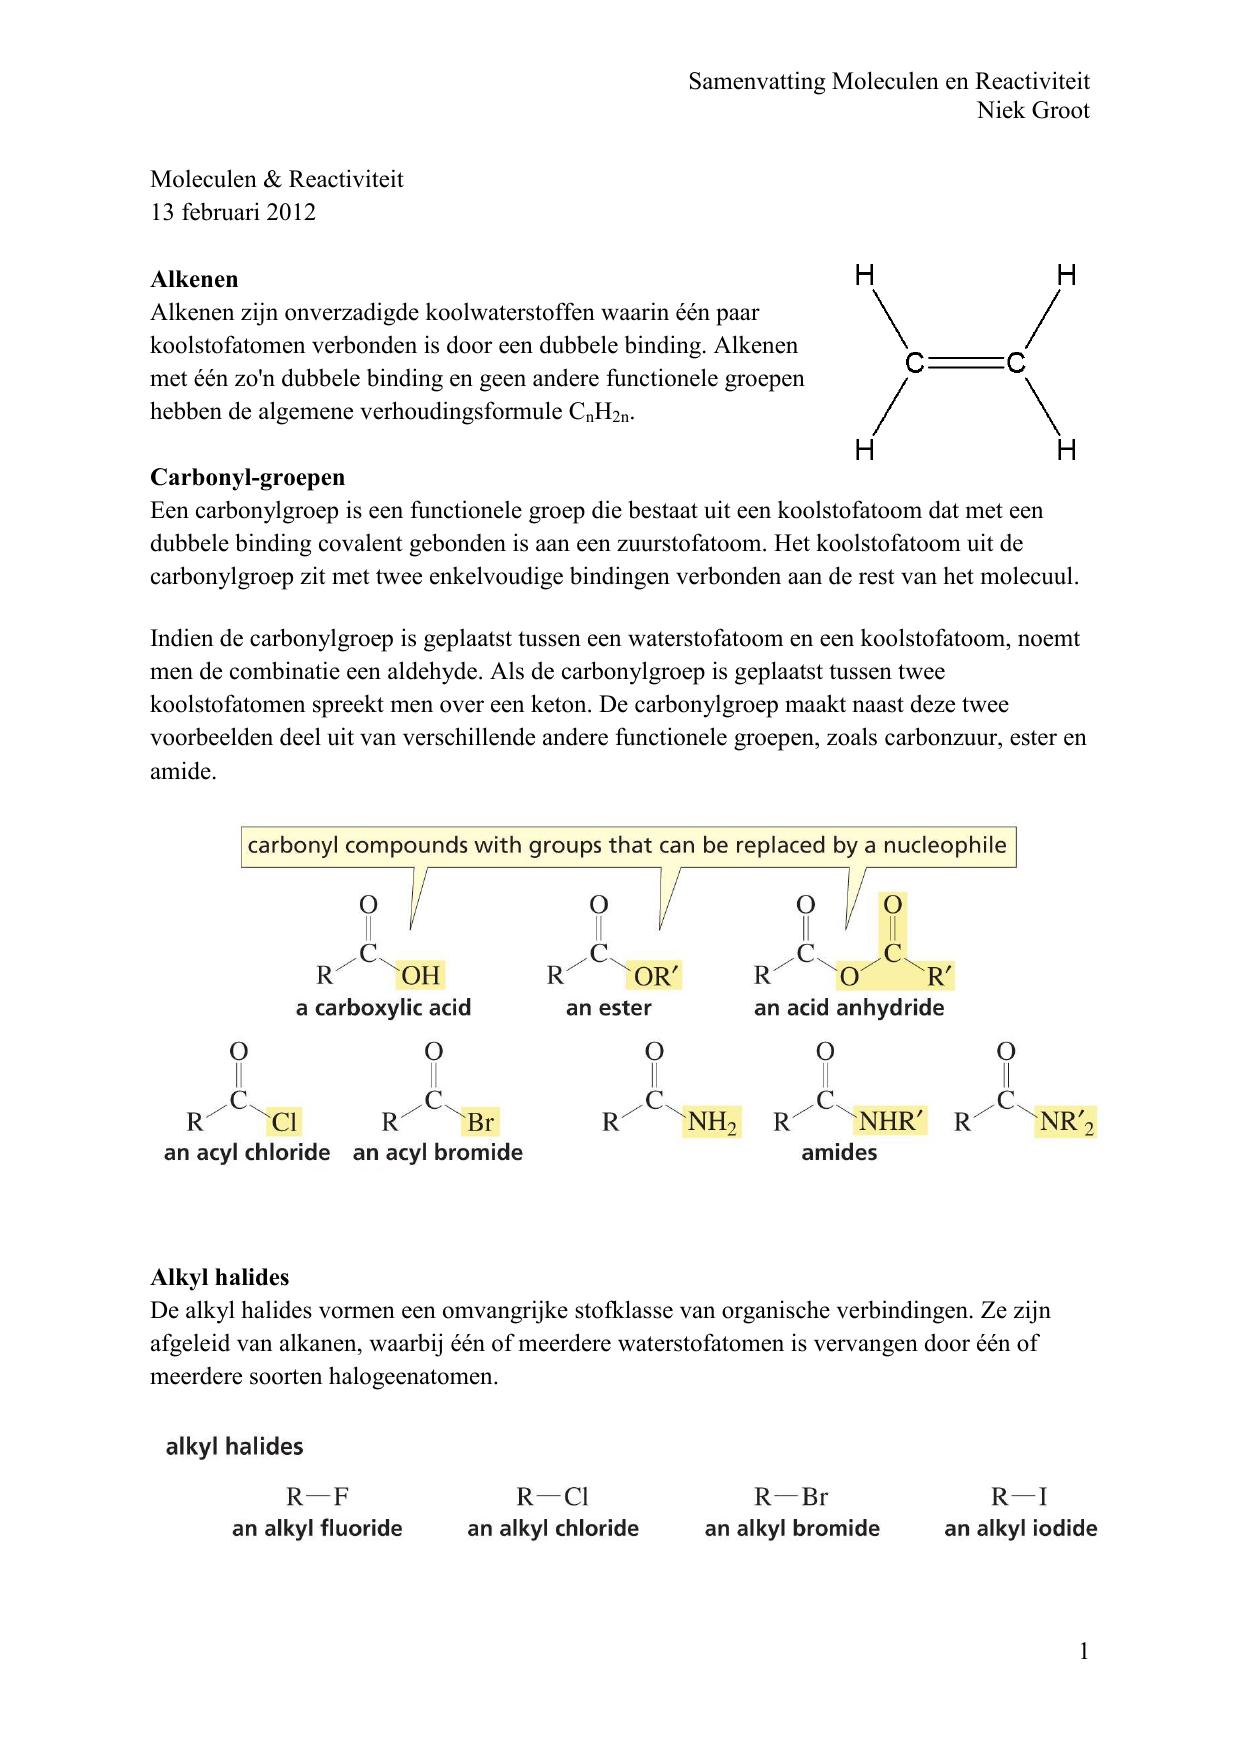 Samenvatting Moleculen En Reactiviteit Niek Groot 1 Moleculen